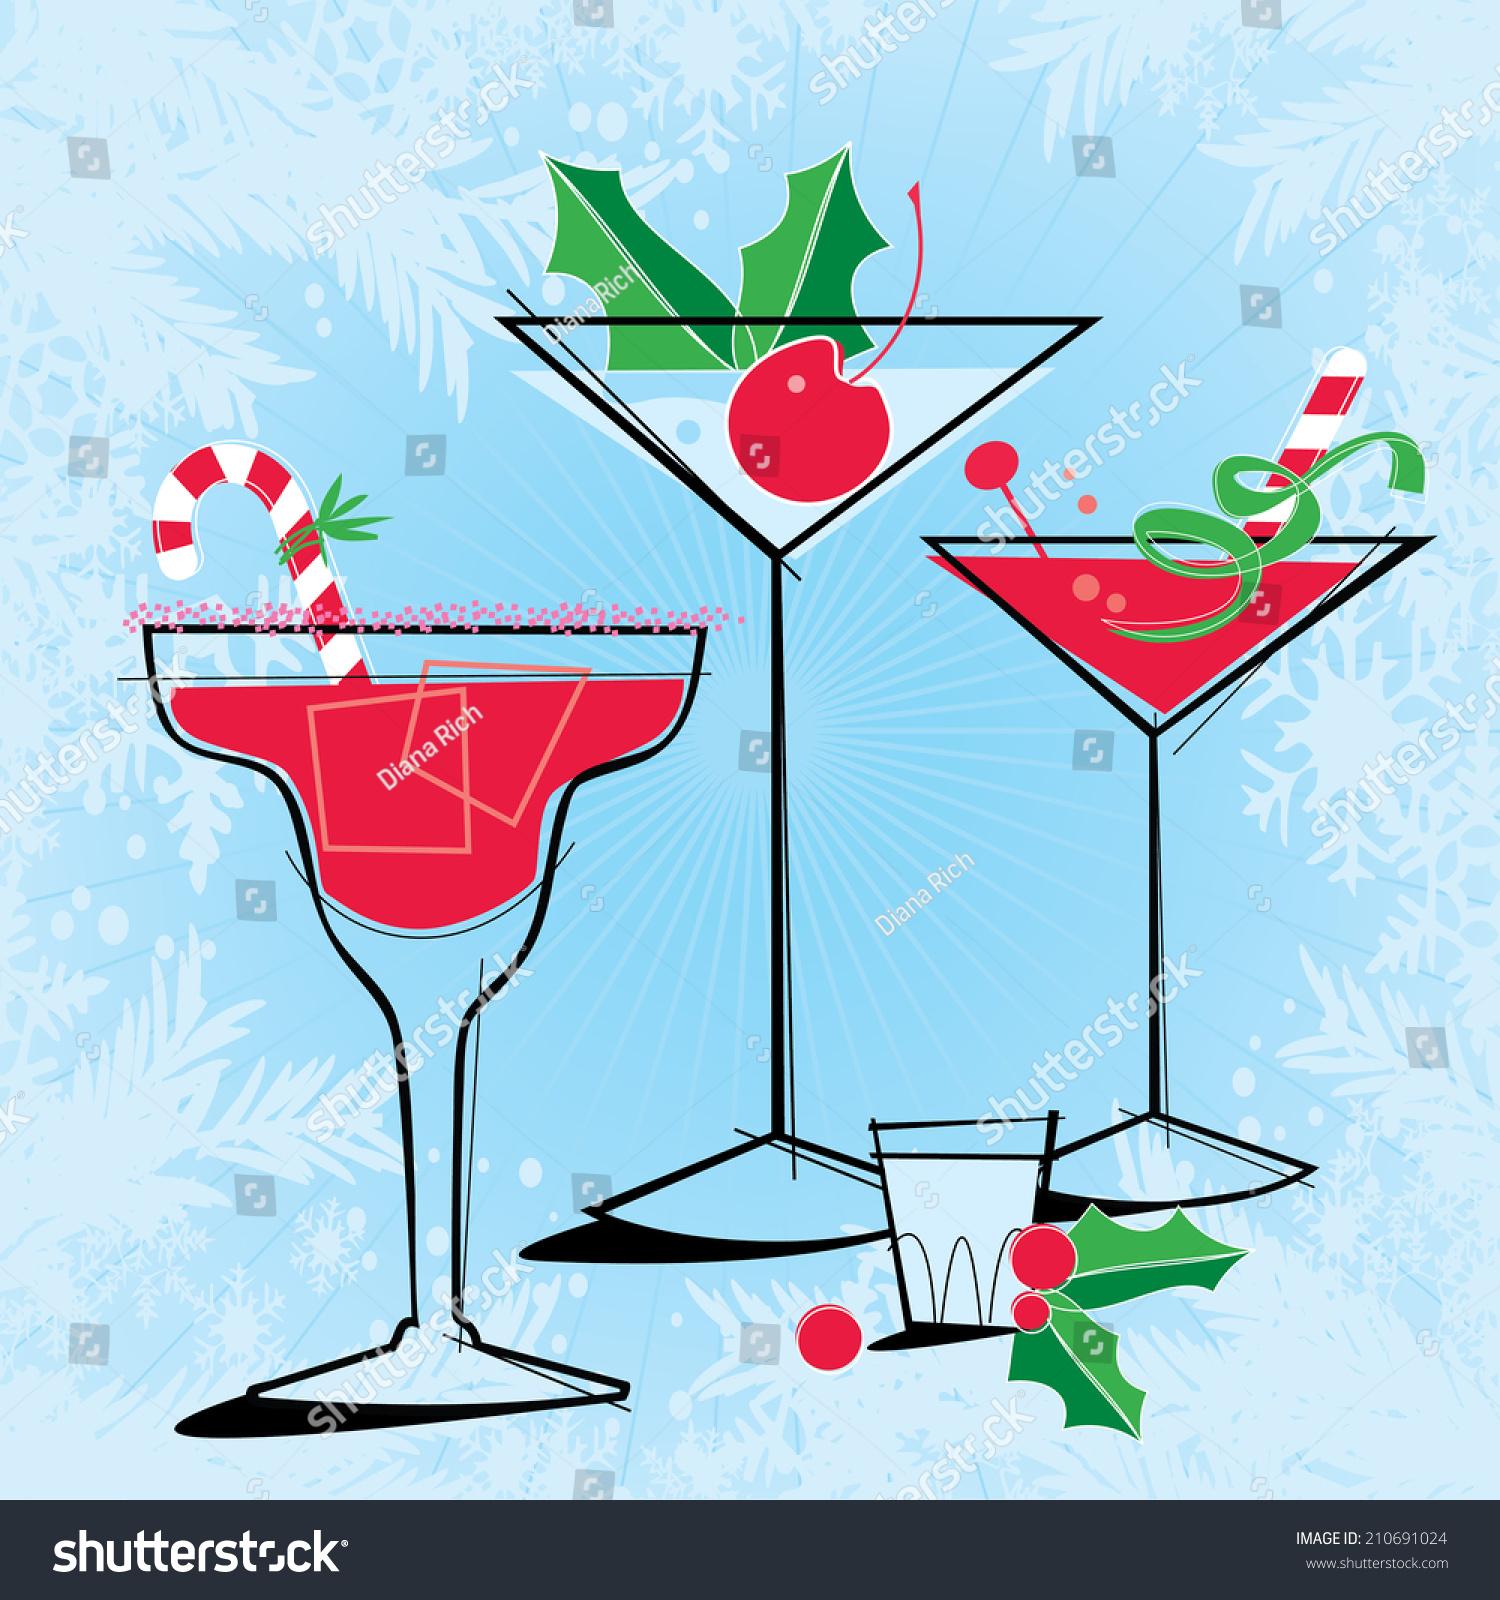 Retro-Style Holiday Cocktails Retro-Stylized Holiday